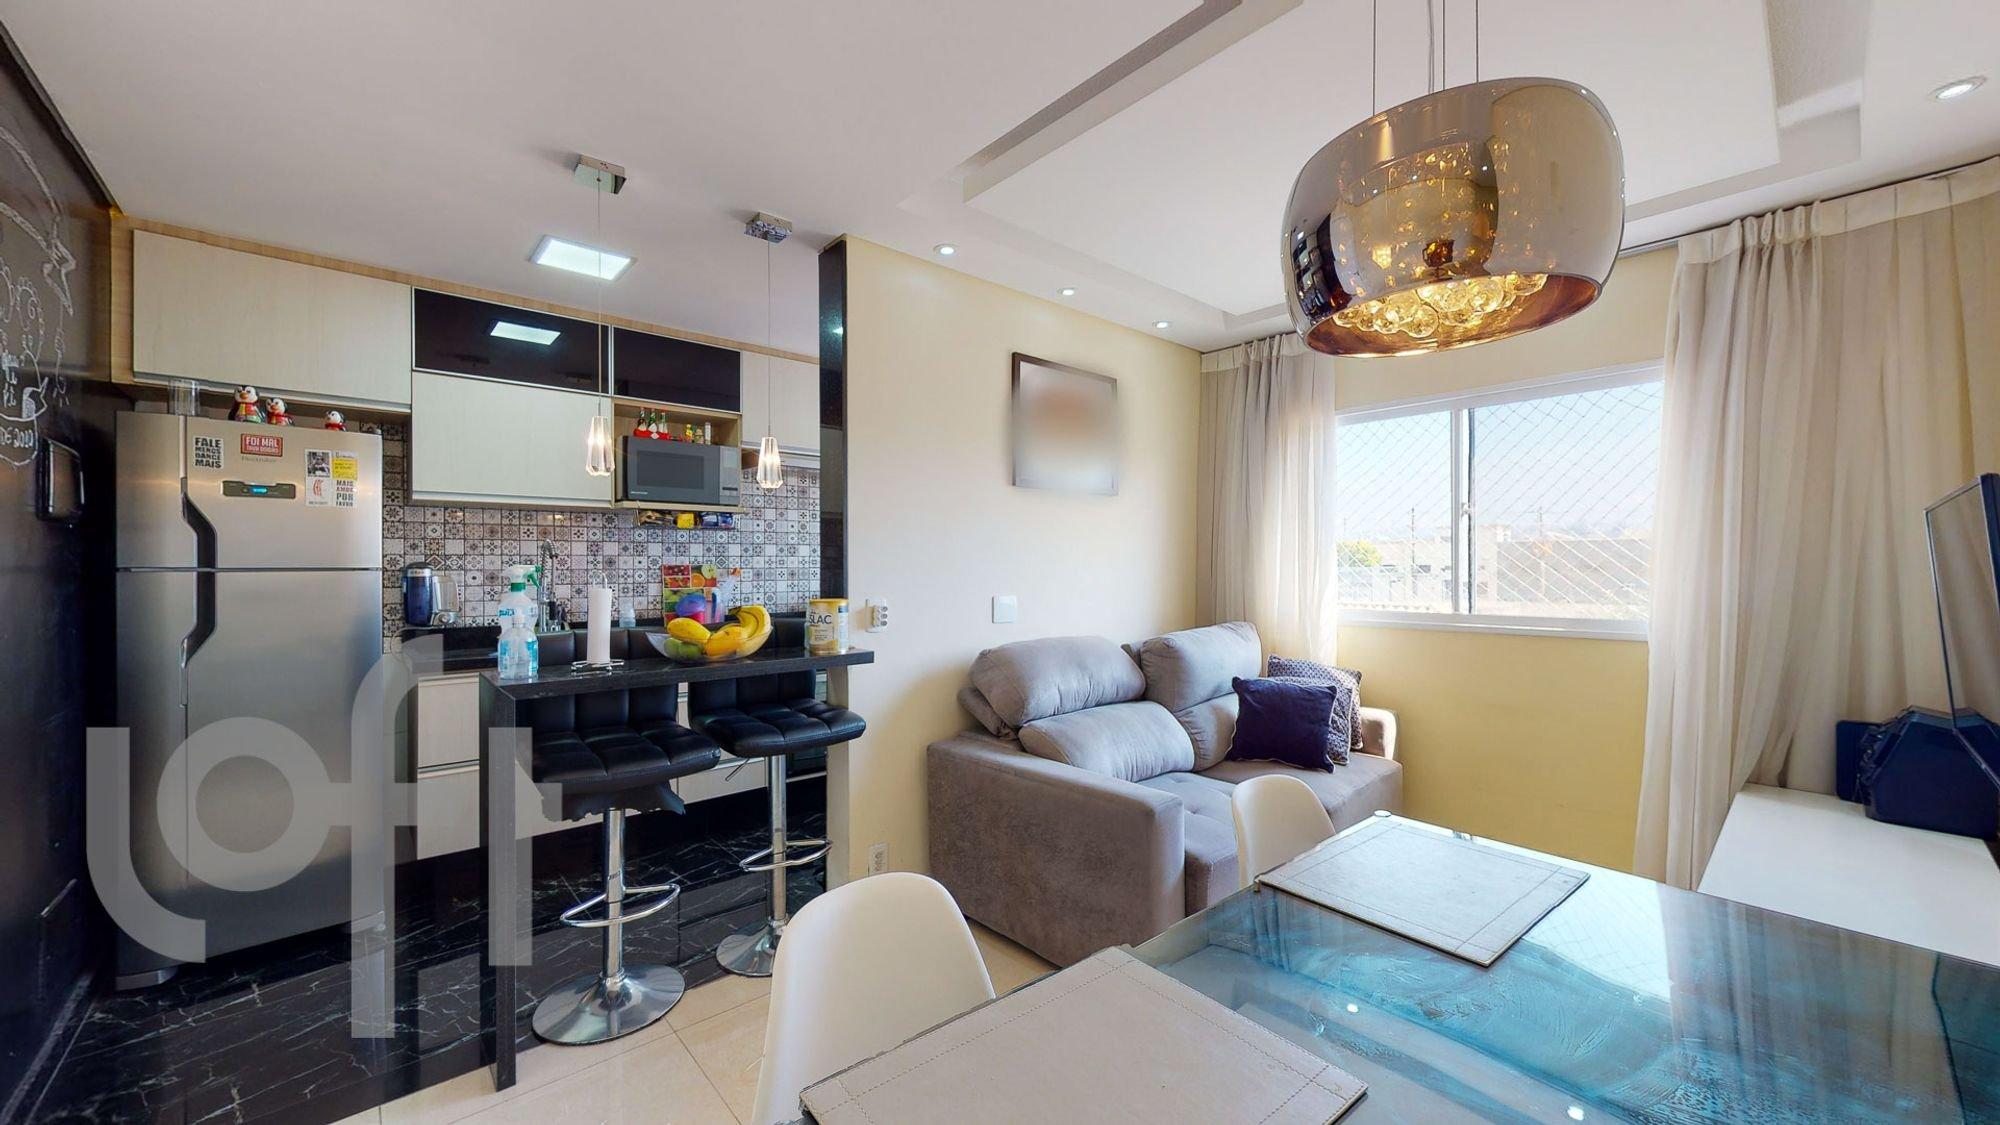 Foto de Sala com teclado, sofá, televisão, pessoa, cadeira, mesa de jantar